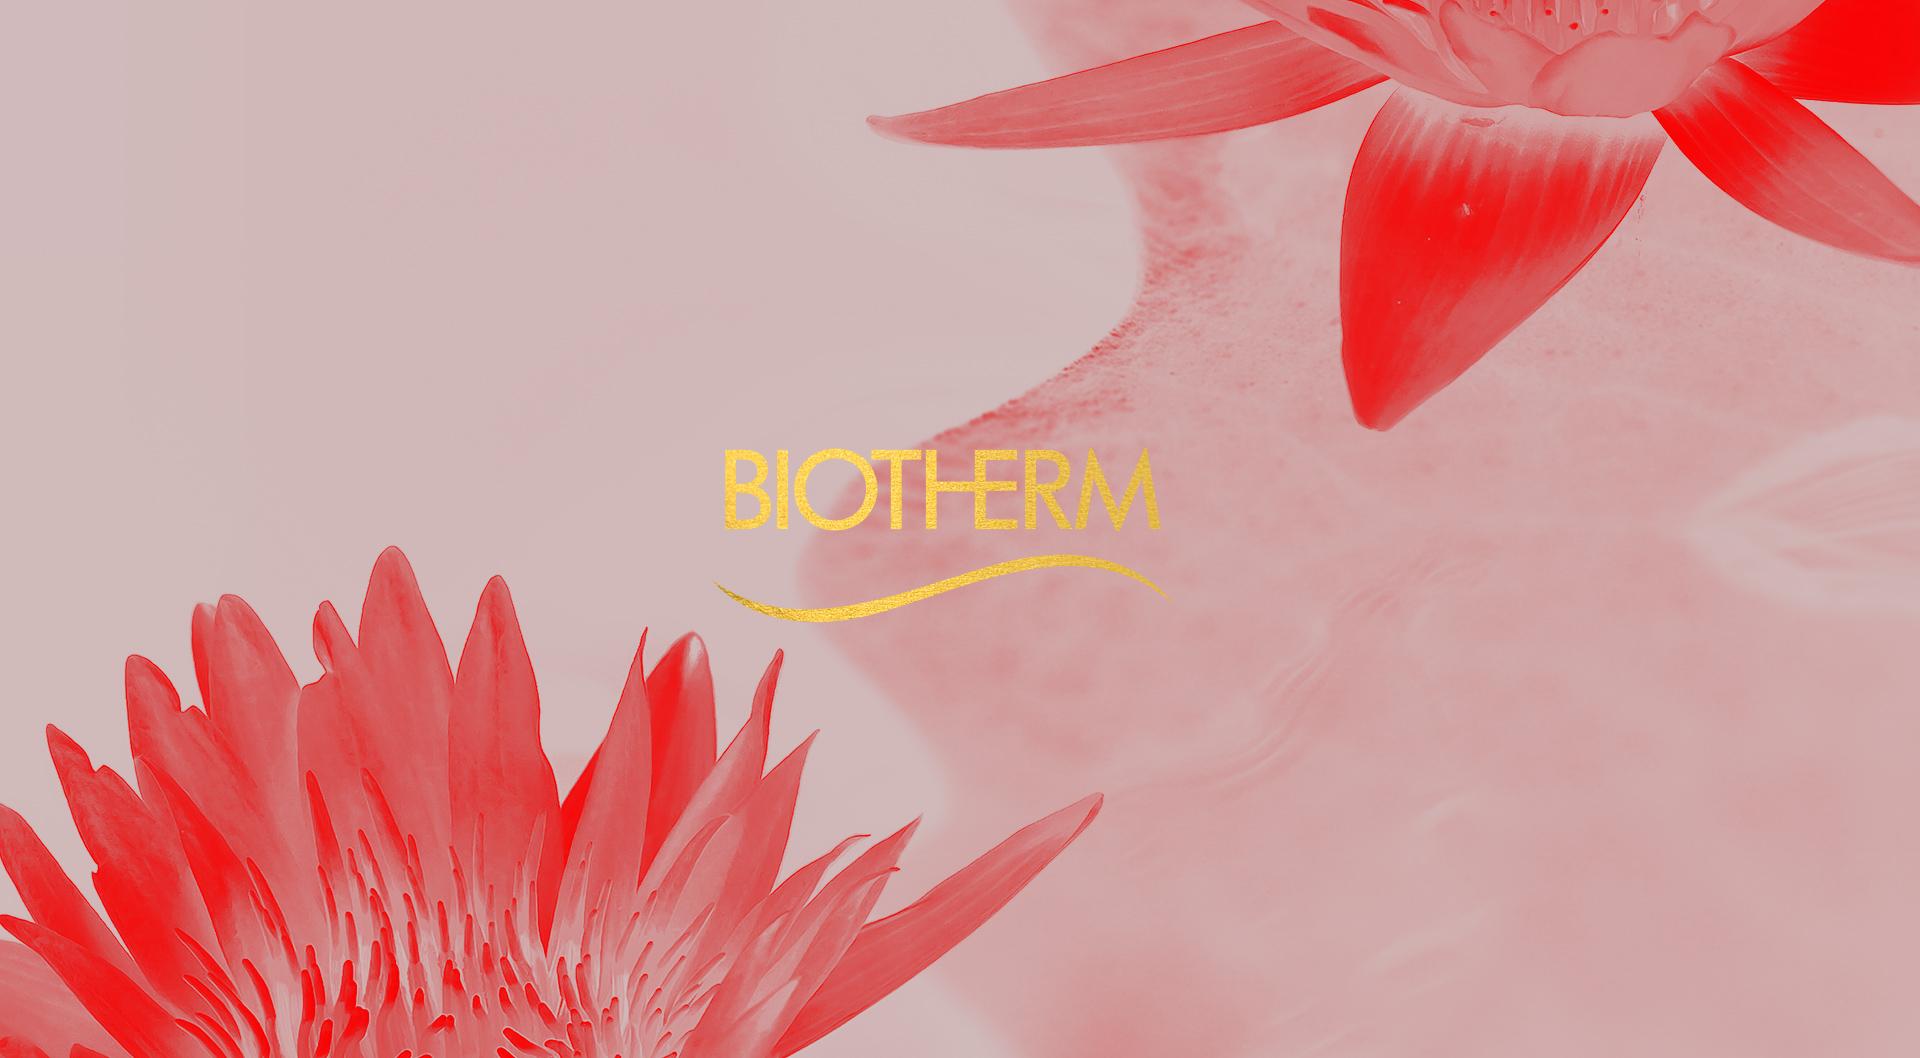 biotherm-hero-1